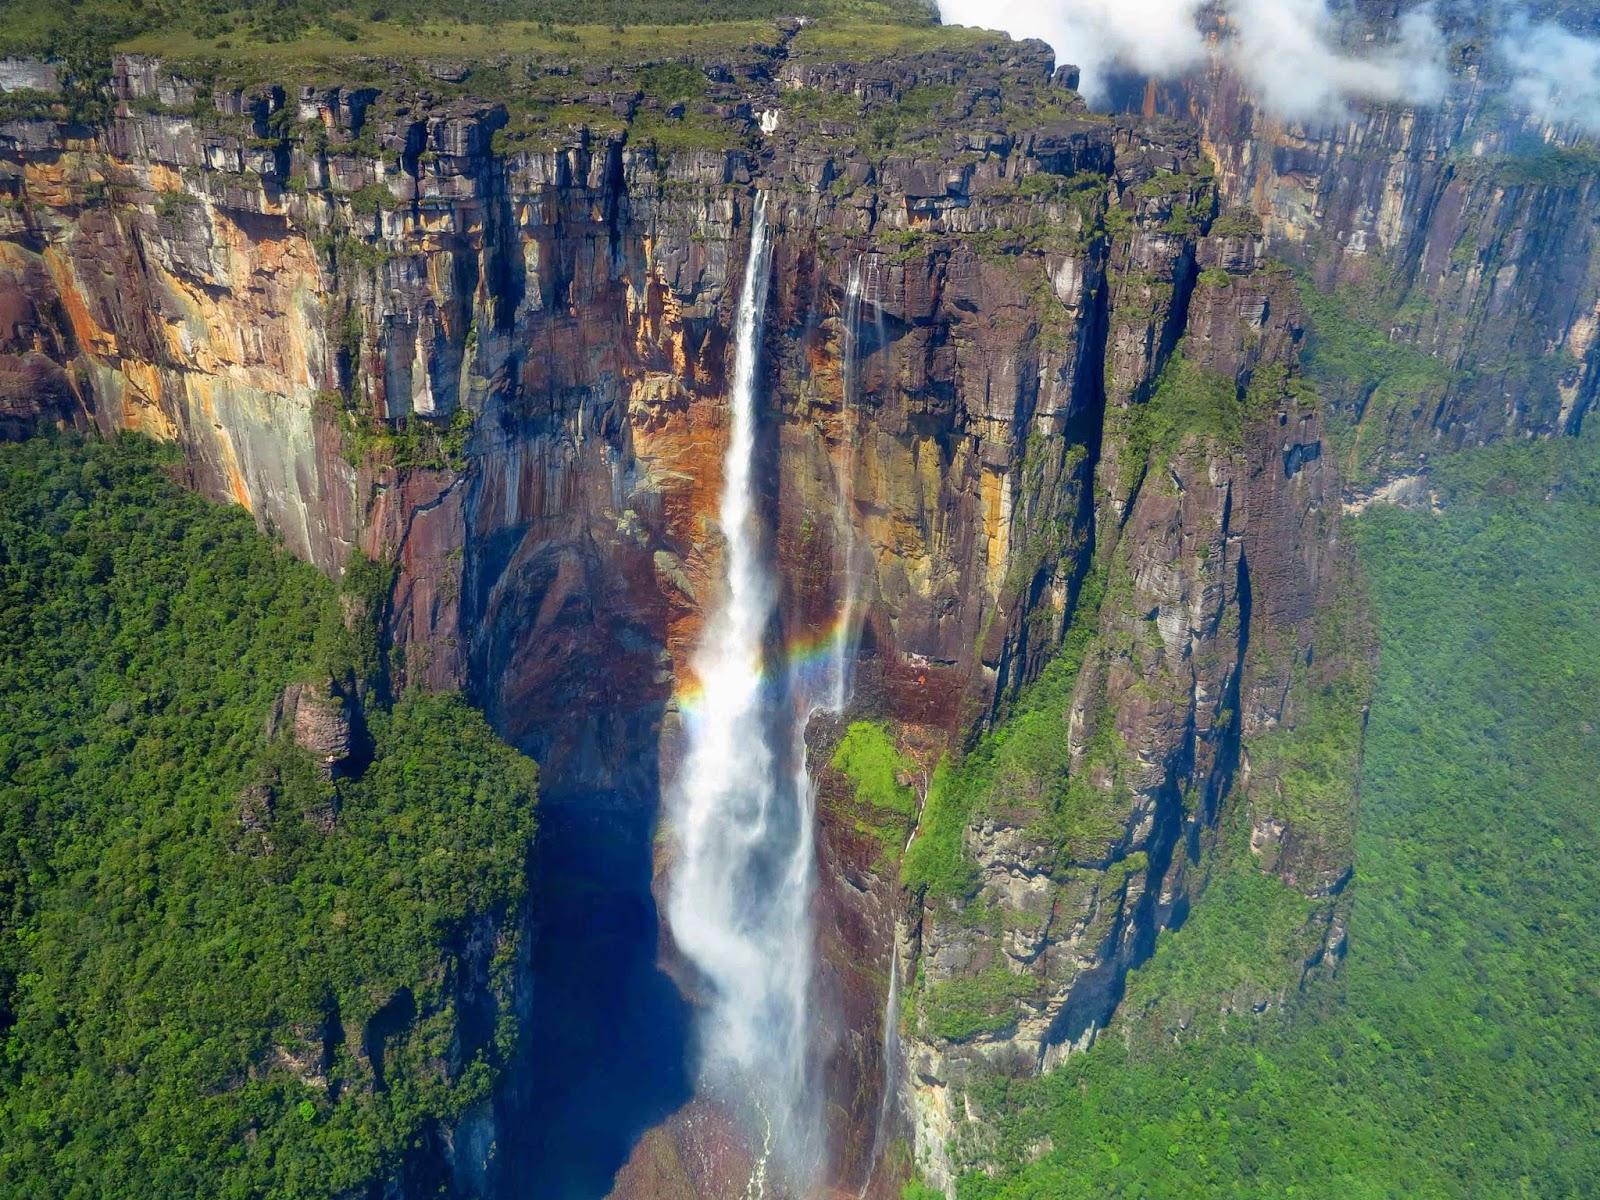 Посетители Национального парка Канайма могут наблюдать водопад Анхель